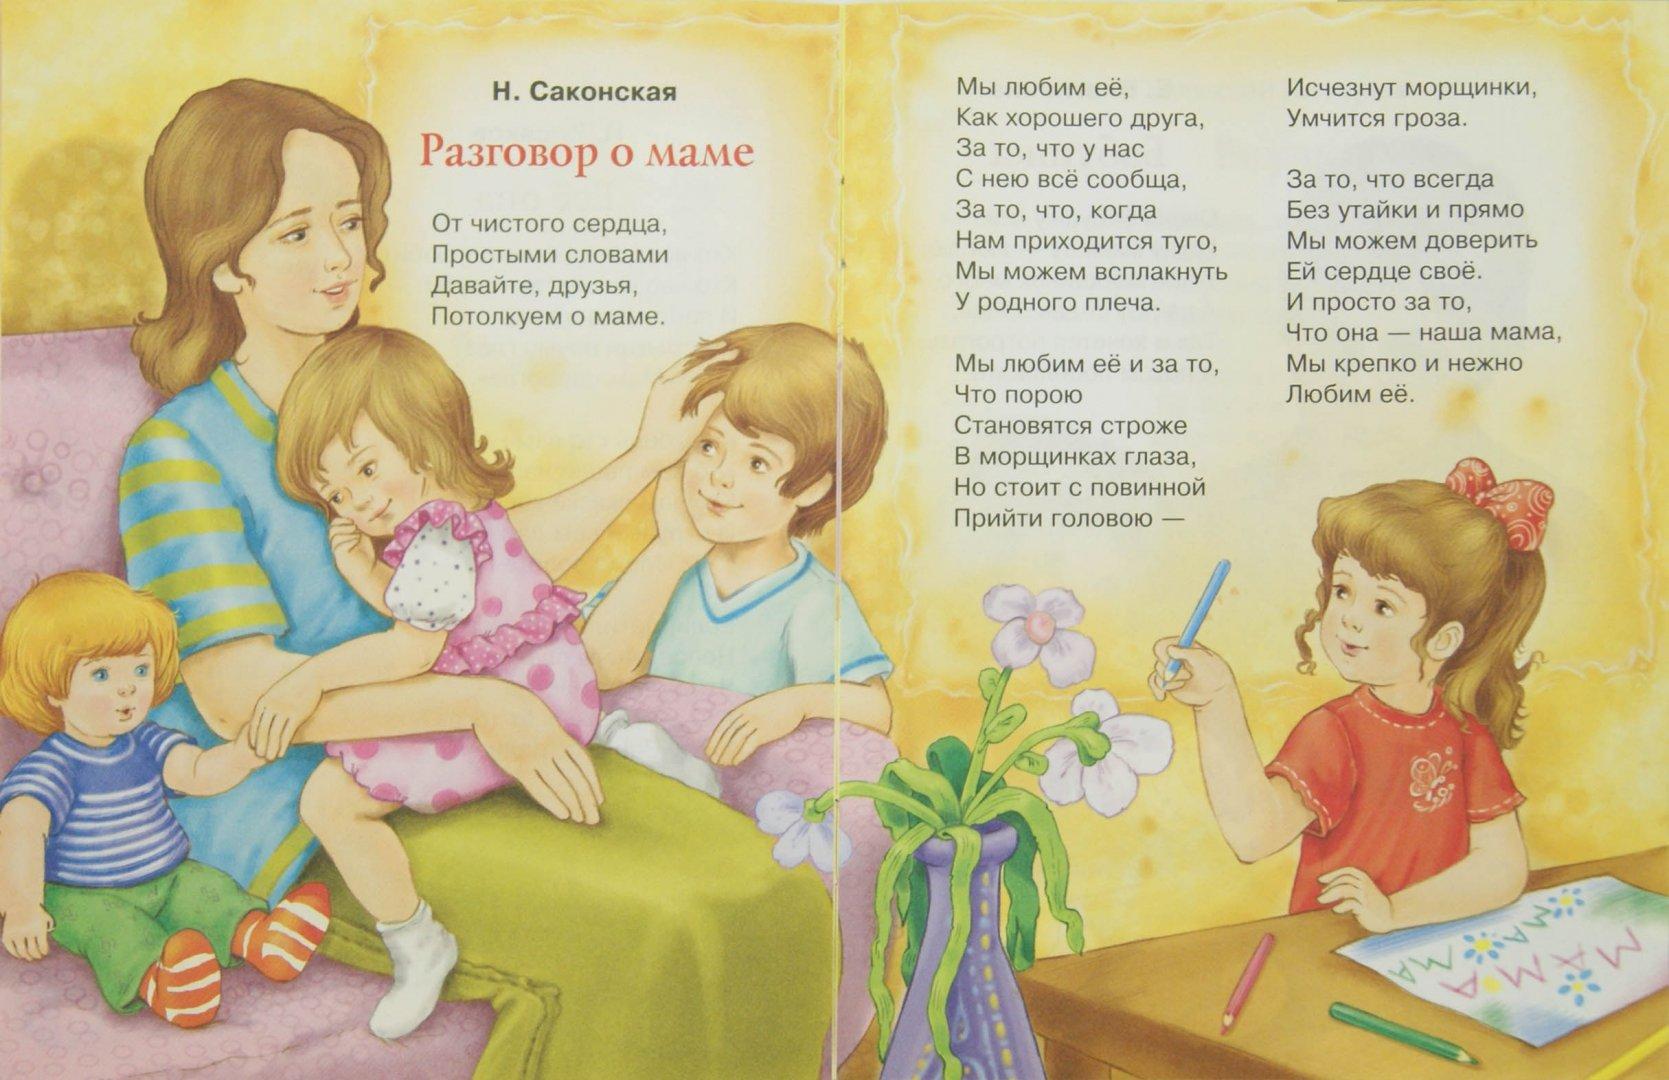 Продажа, детские стихи о маме короткие и красивые